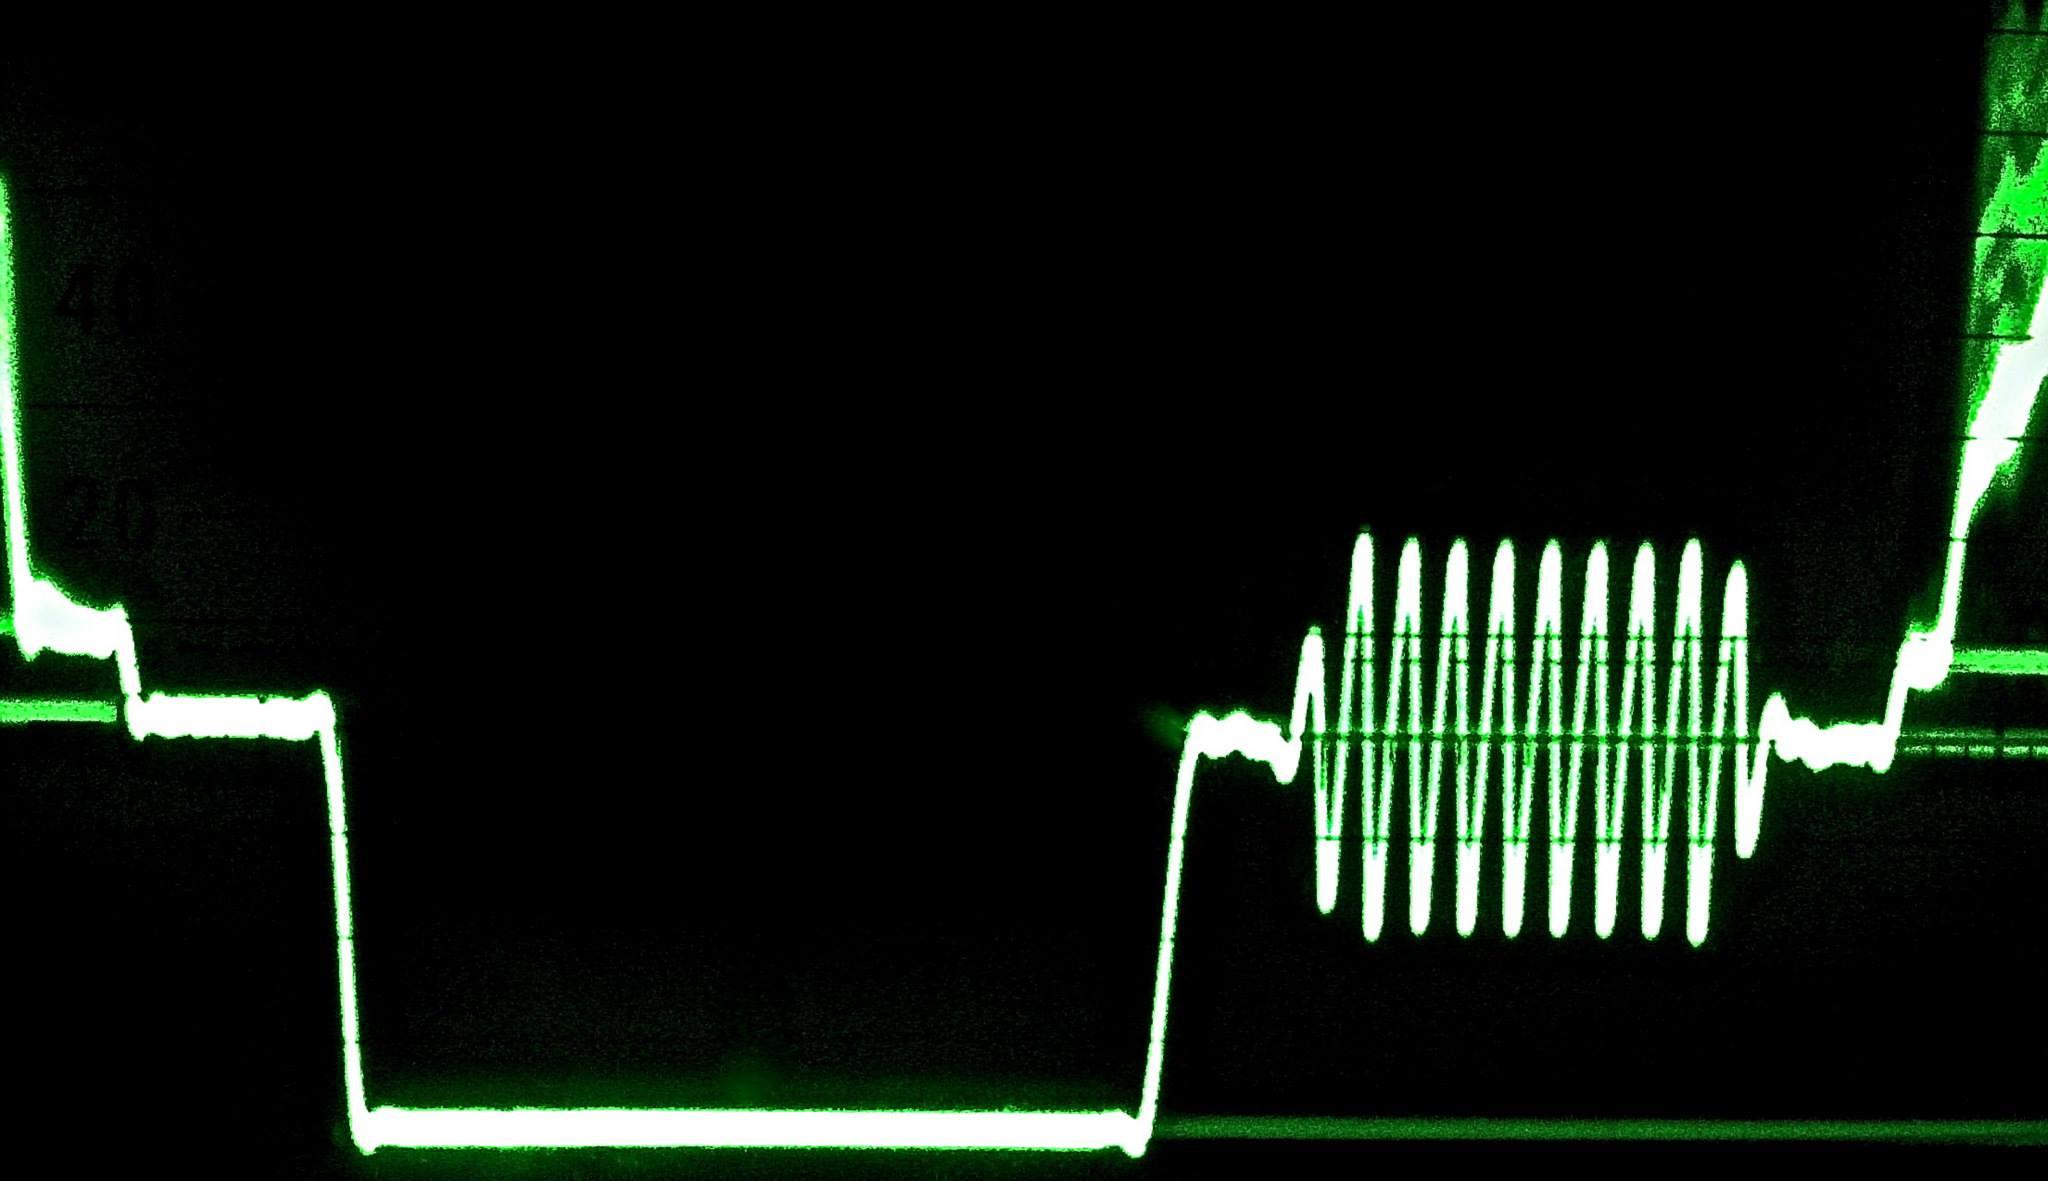 NTSC sync pulse